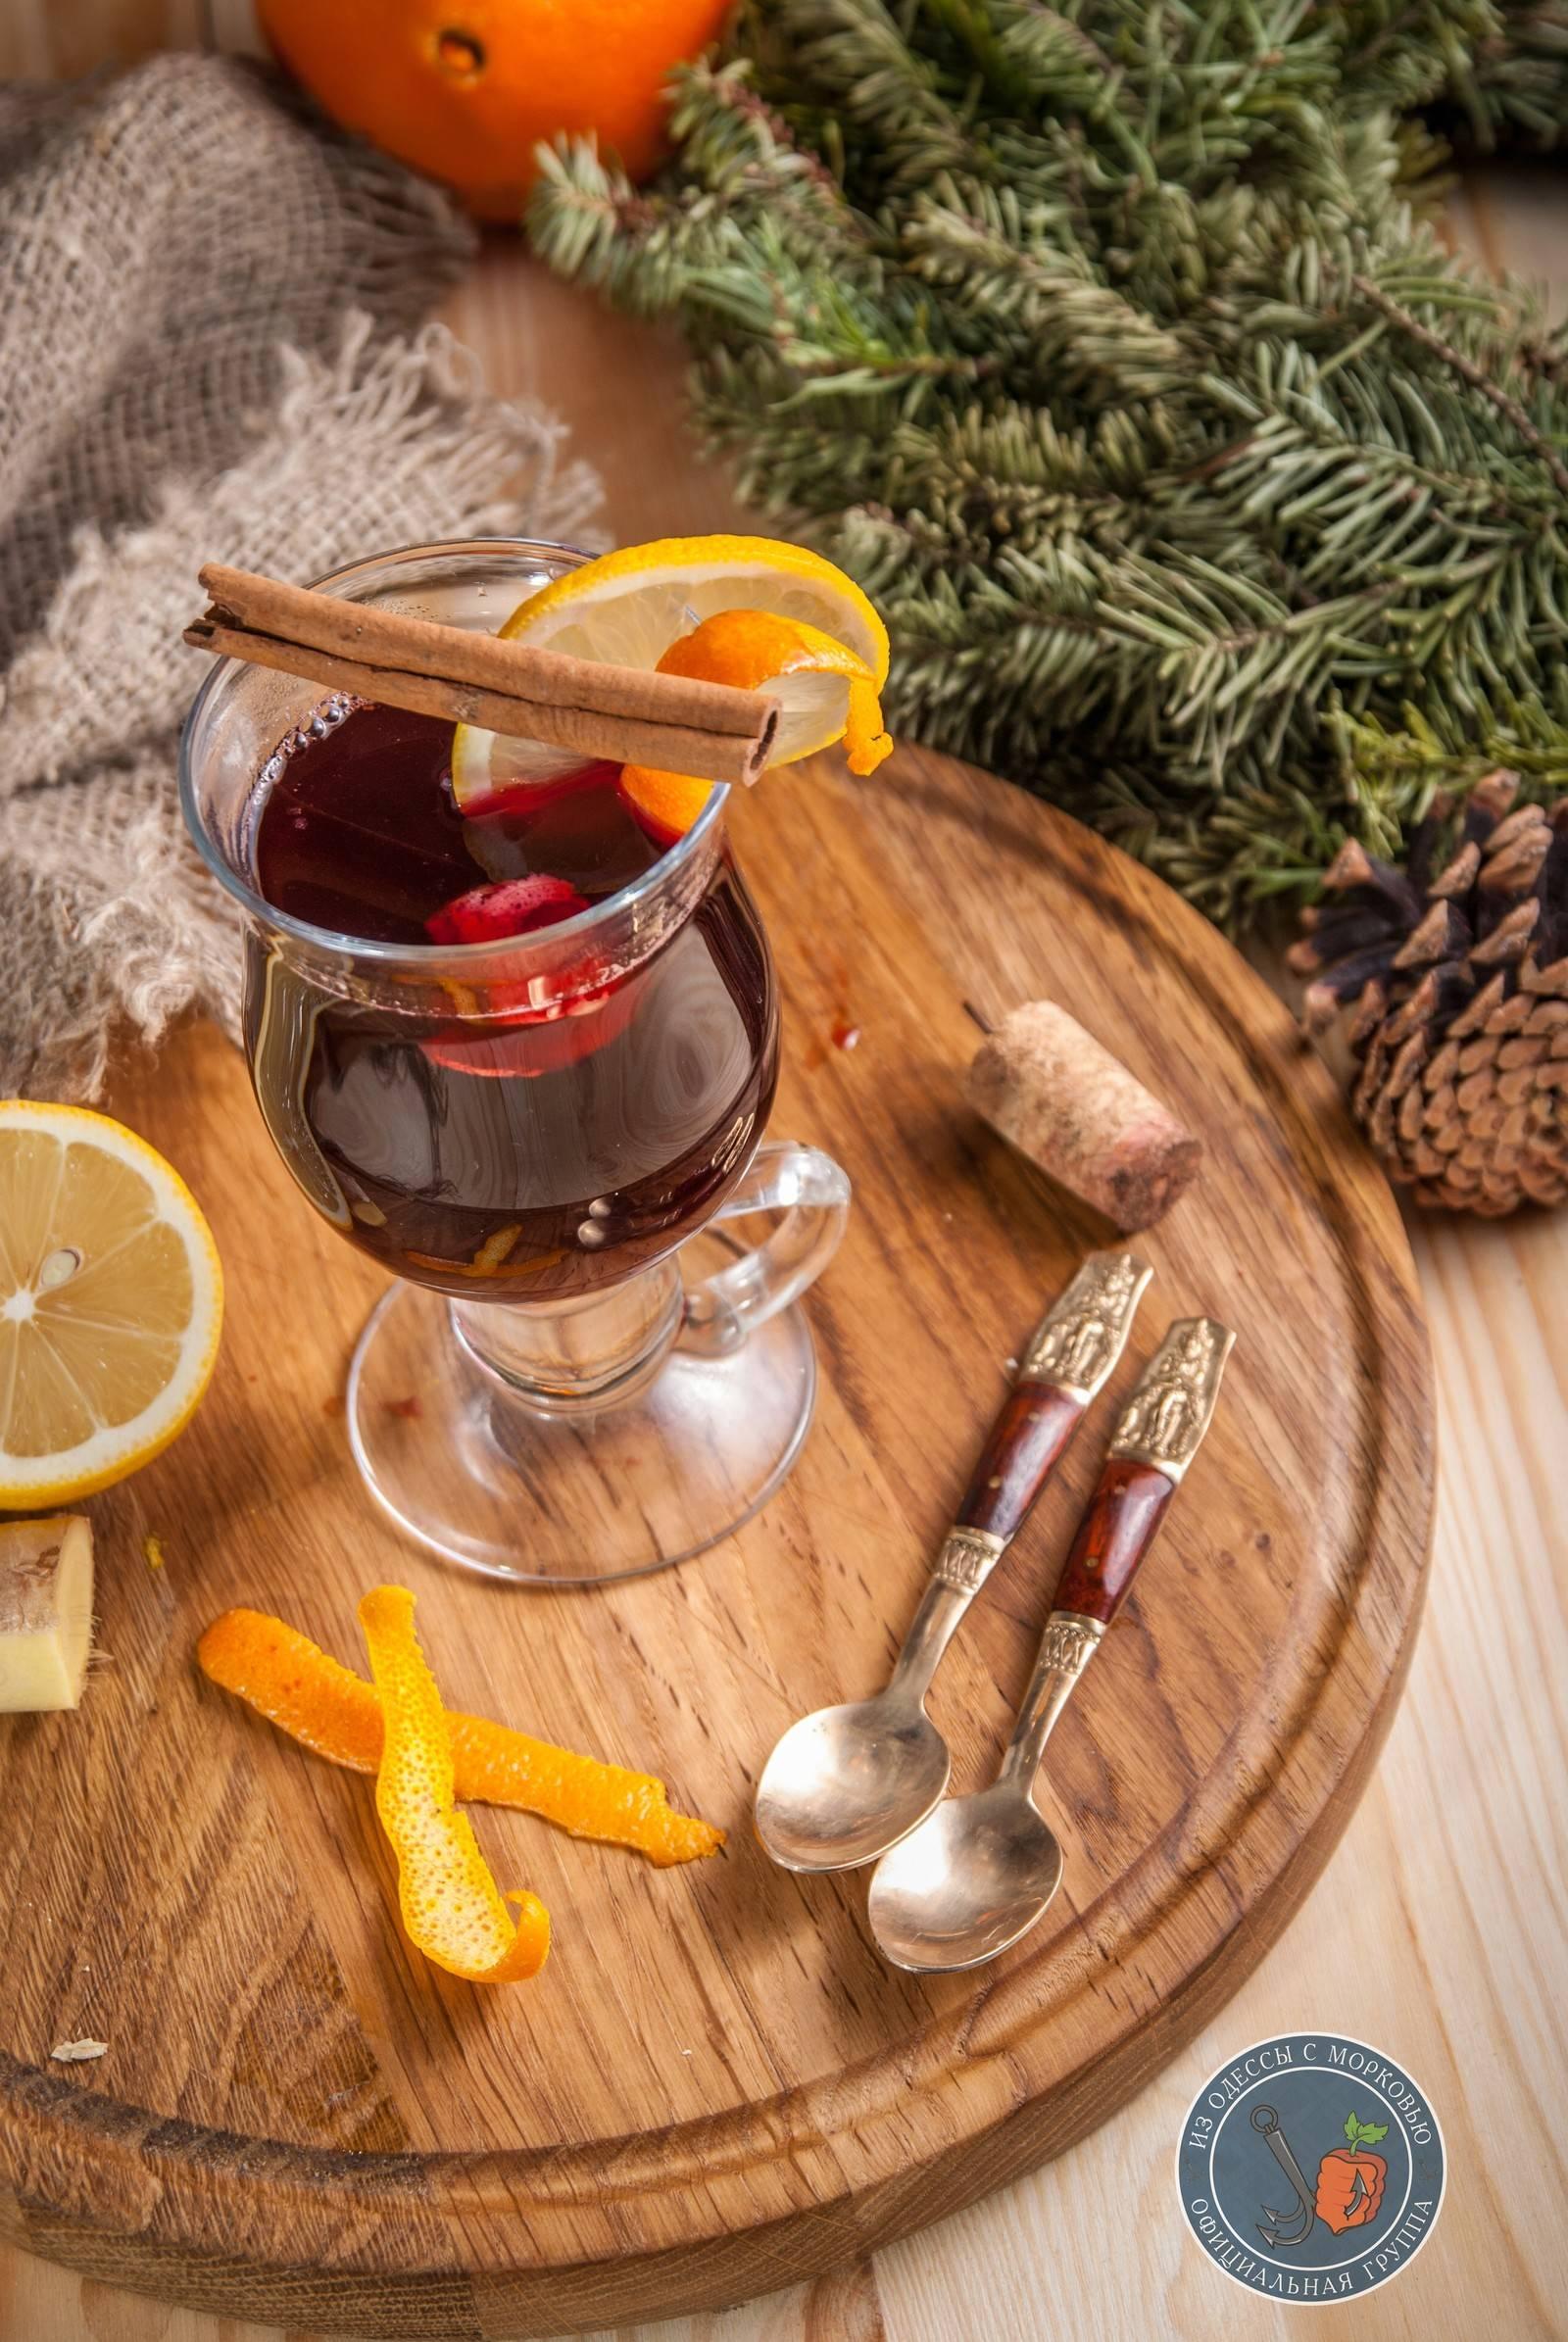 Рецепты глинтвейна: алкогольные и безалкогольные варианты приготовления. рецепты и особенности варки глинтвейна в домашних условиях (125 фото и видео)